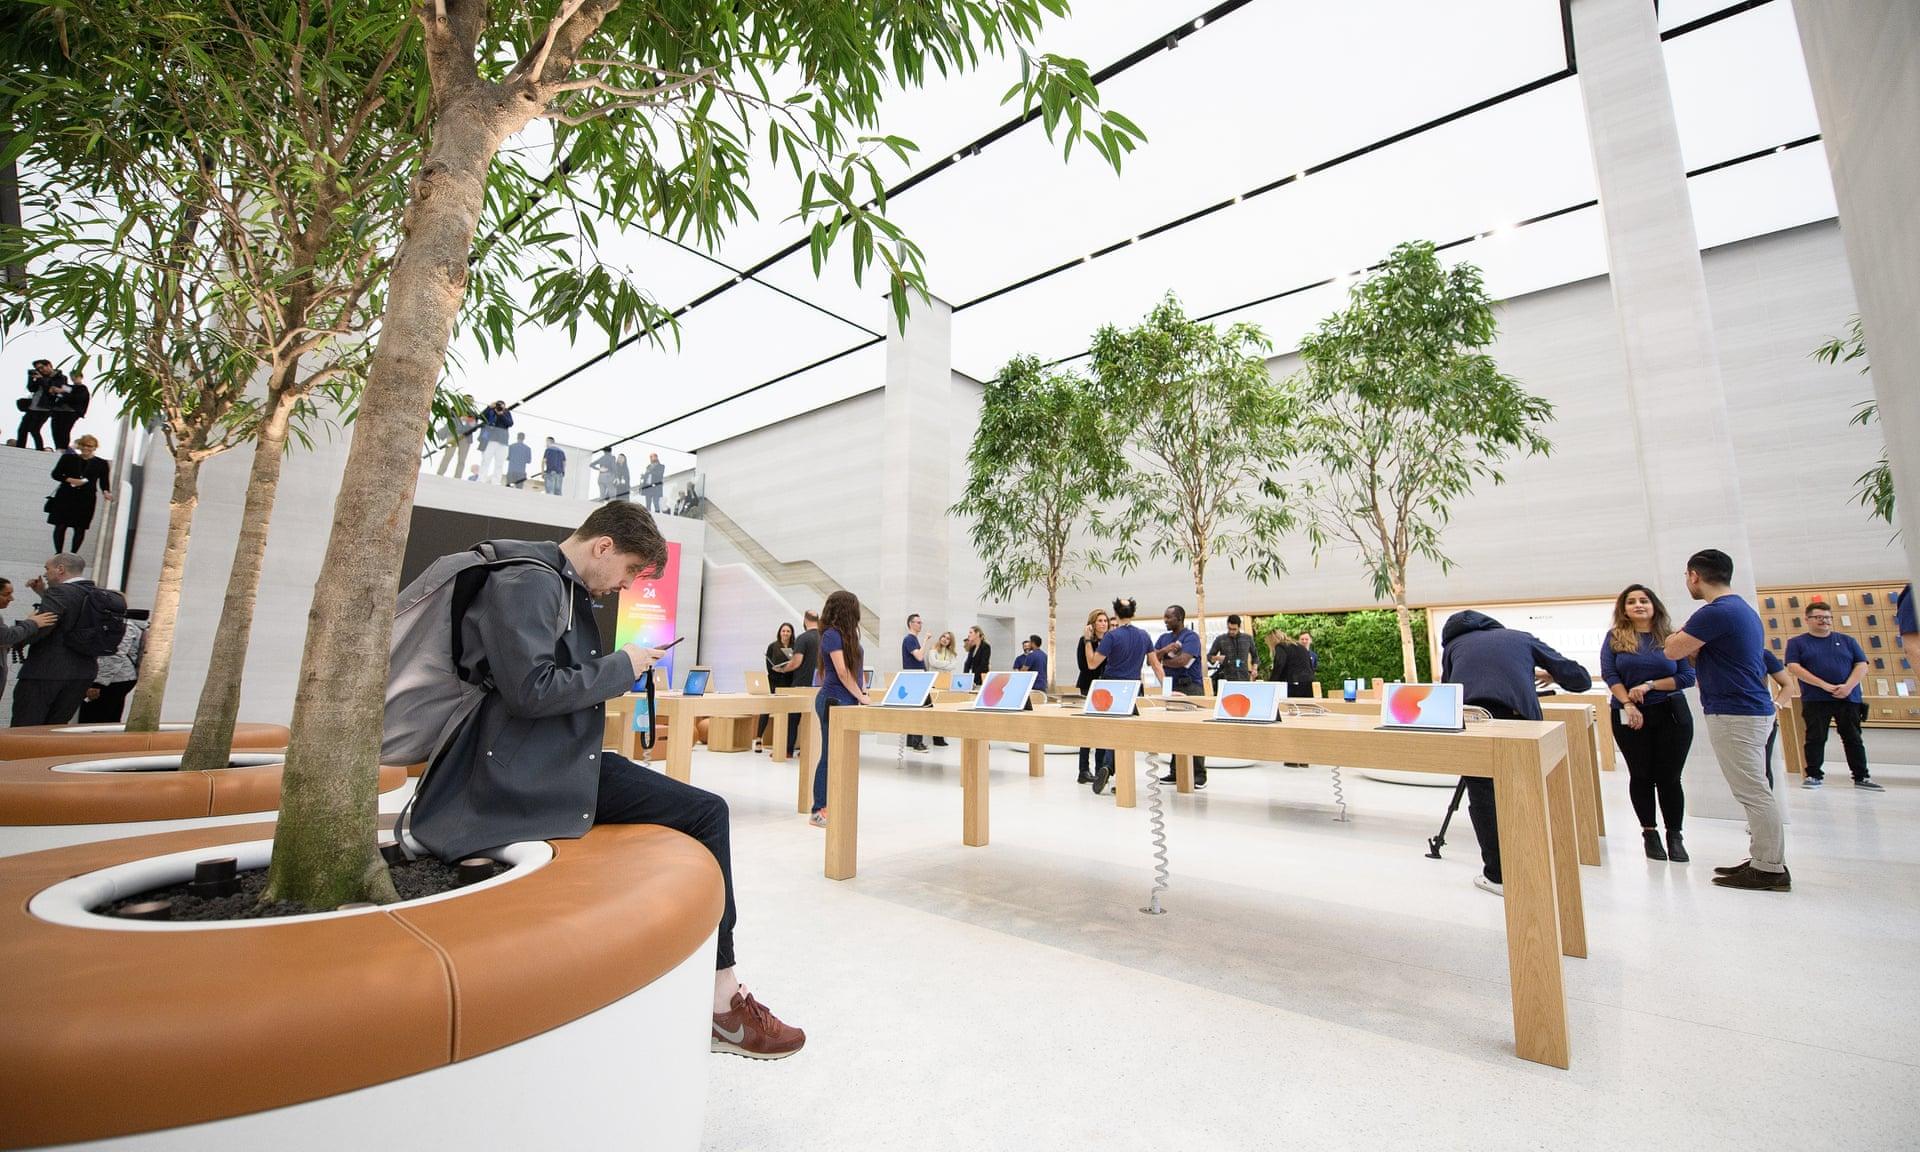 Аплодисменты и одобрительные возгласы: тщательно управляемая драма в магазинах Apple